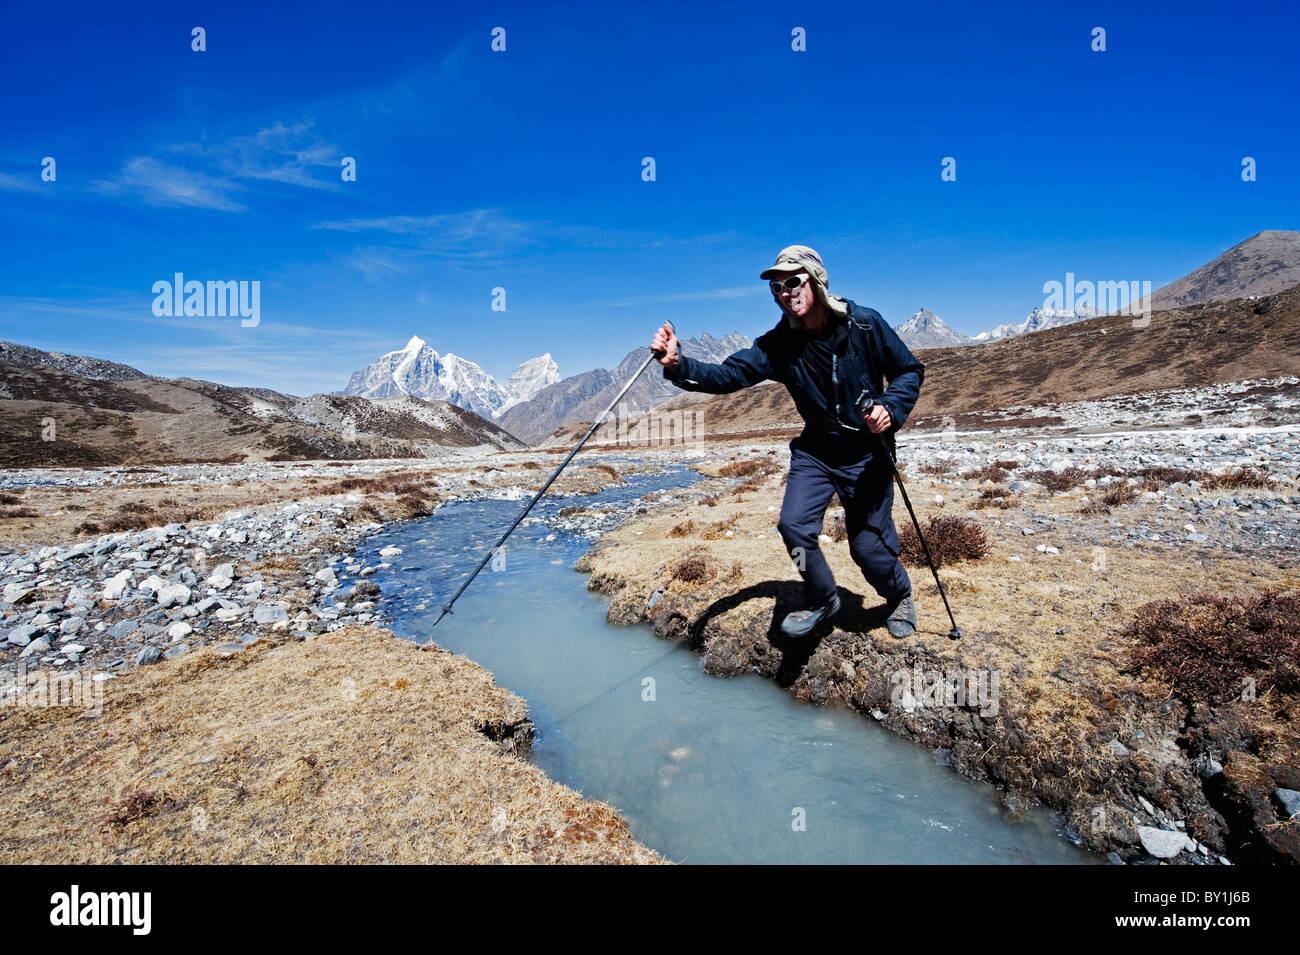 Asia, Nepal, Himalayas, Sagarmatha National Park, Solu Khumbu Everest Region, Unesco World Heritage, Chukhung Valley, - Stock Image